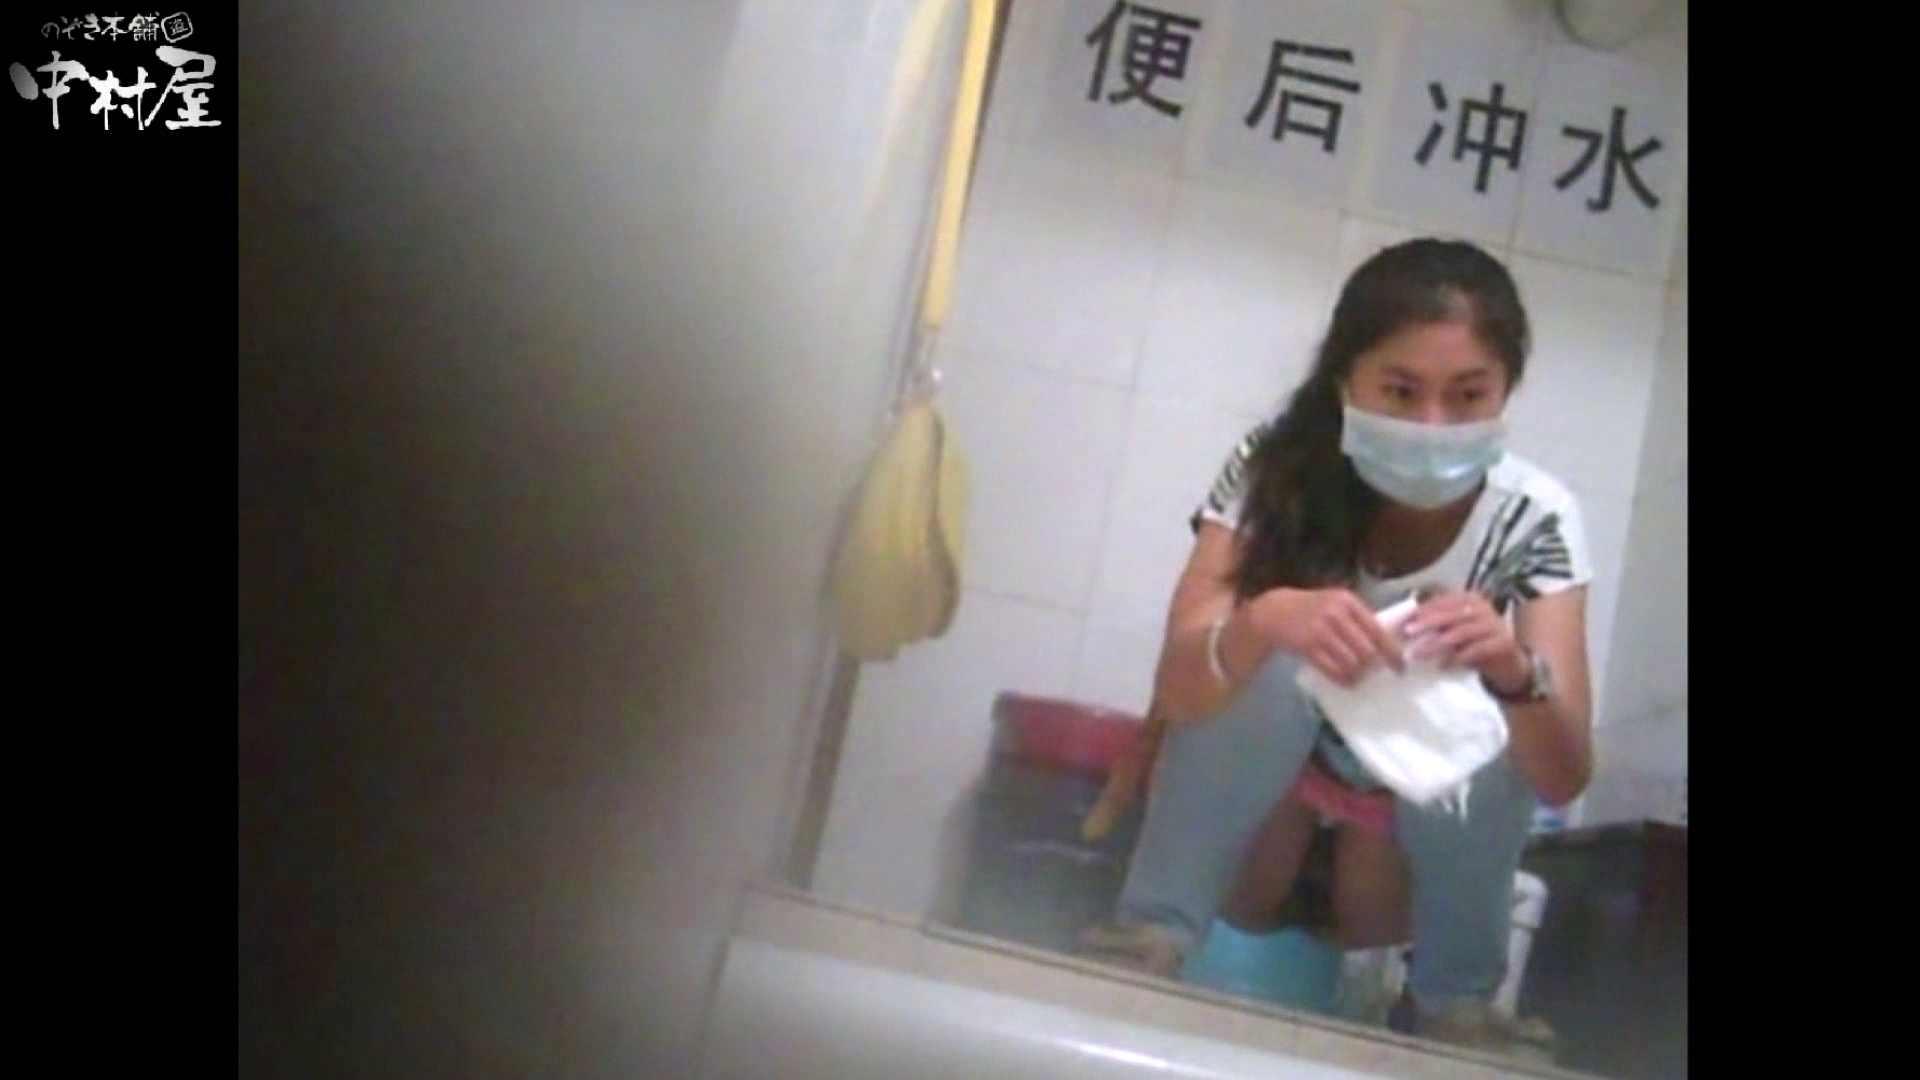 李さんの盗撮日記 Vol.13 トイレ | ギャルのエロ動画 盗撮 93PIX 9